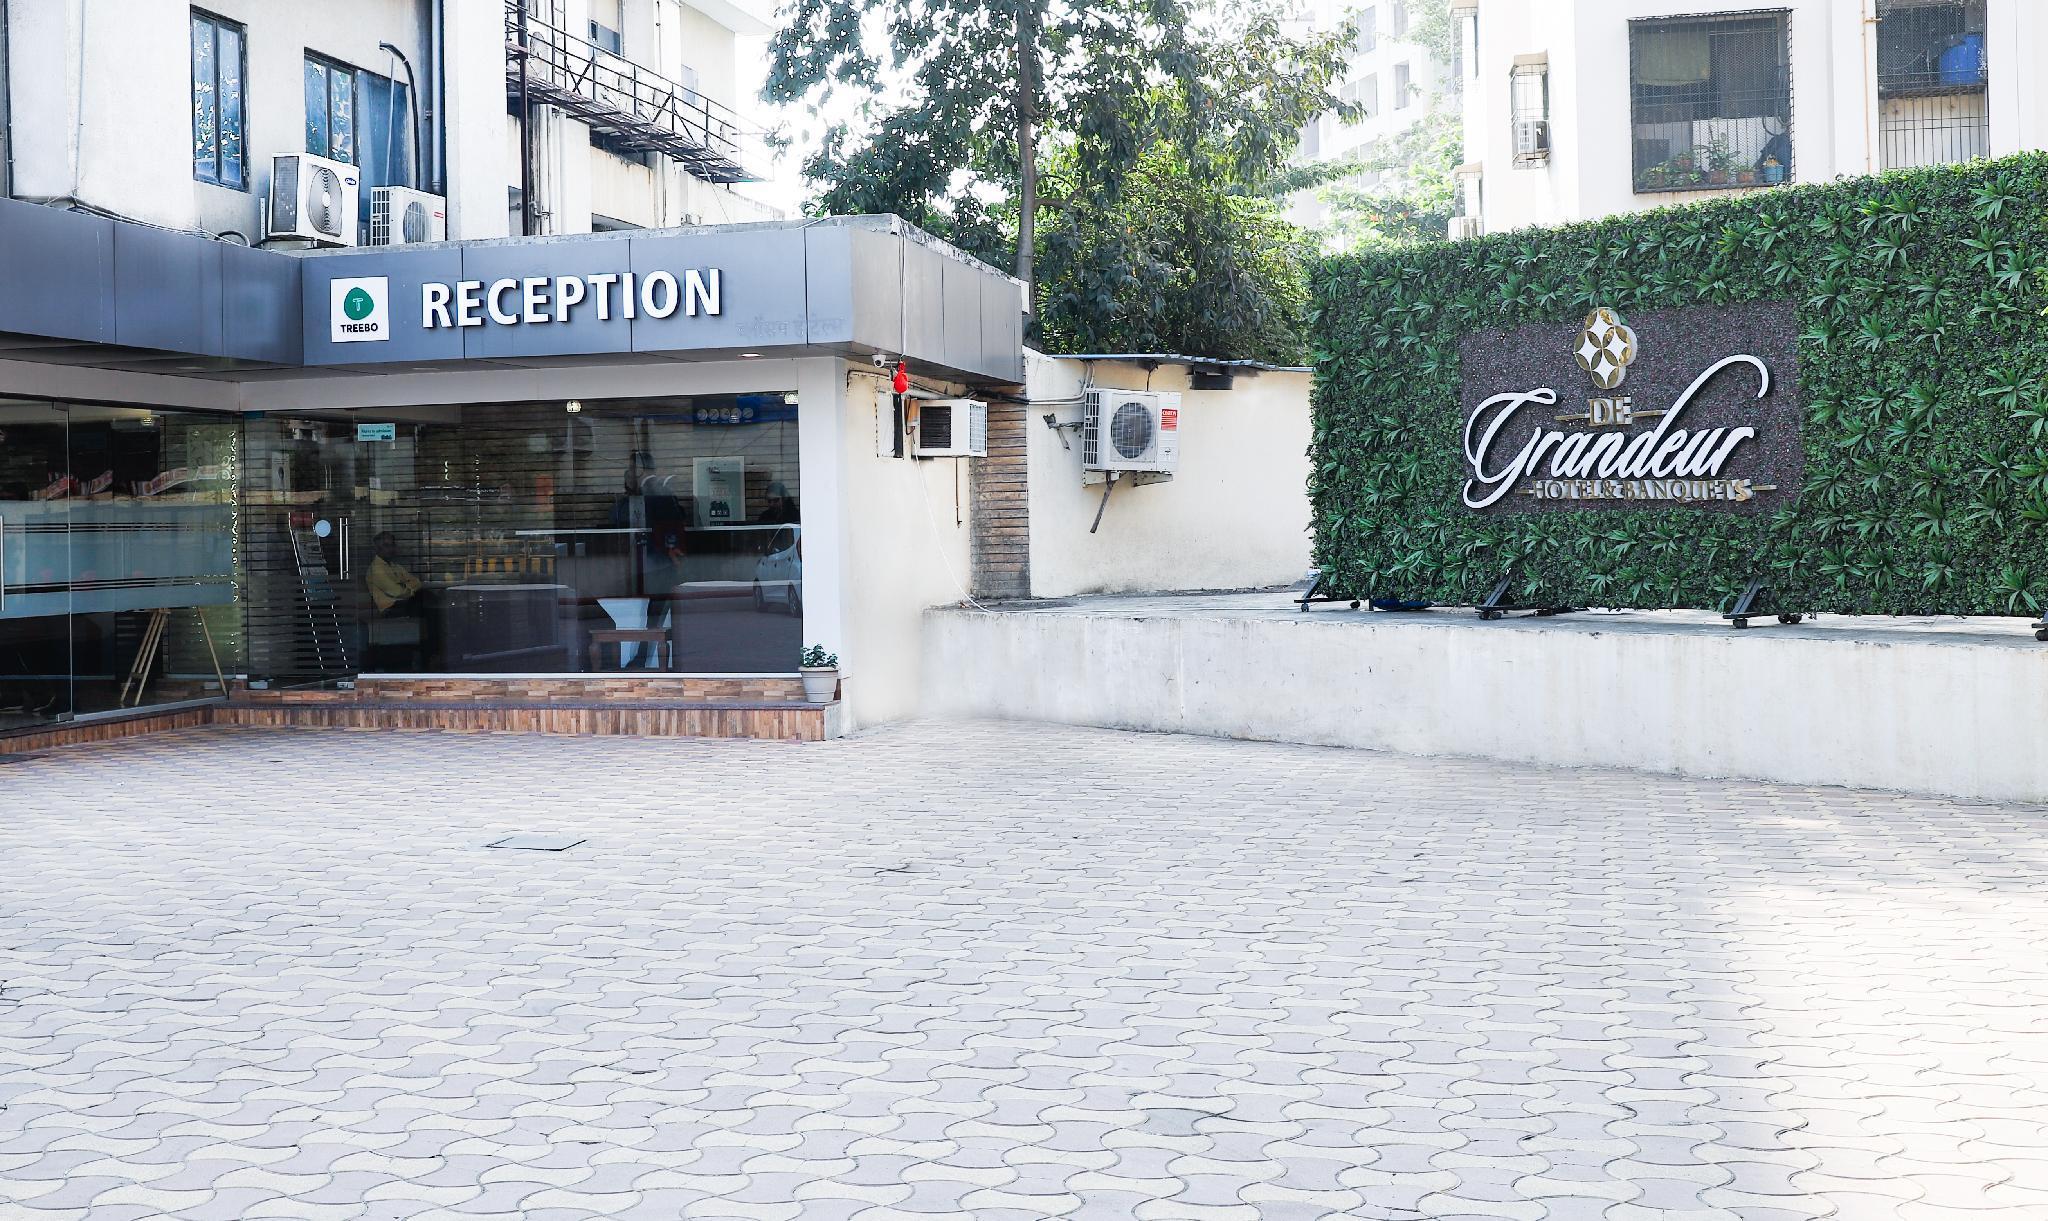 De Grandeur Hotel & Banquets